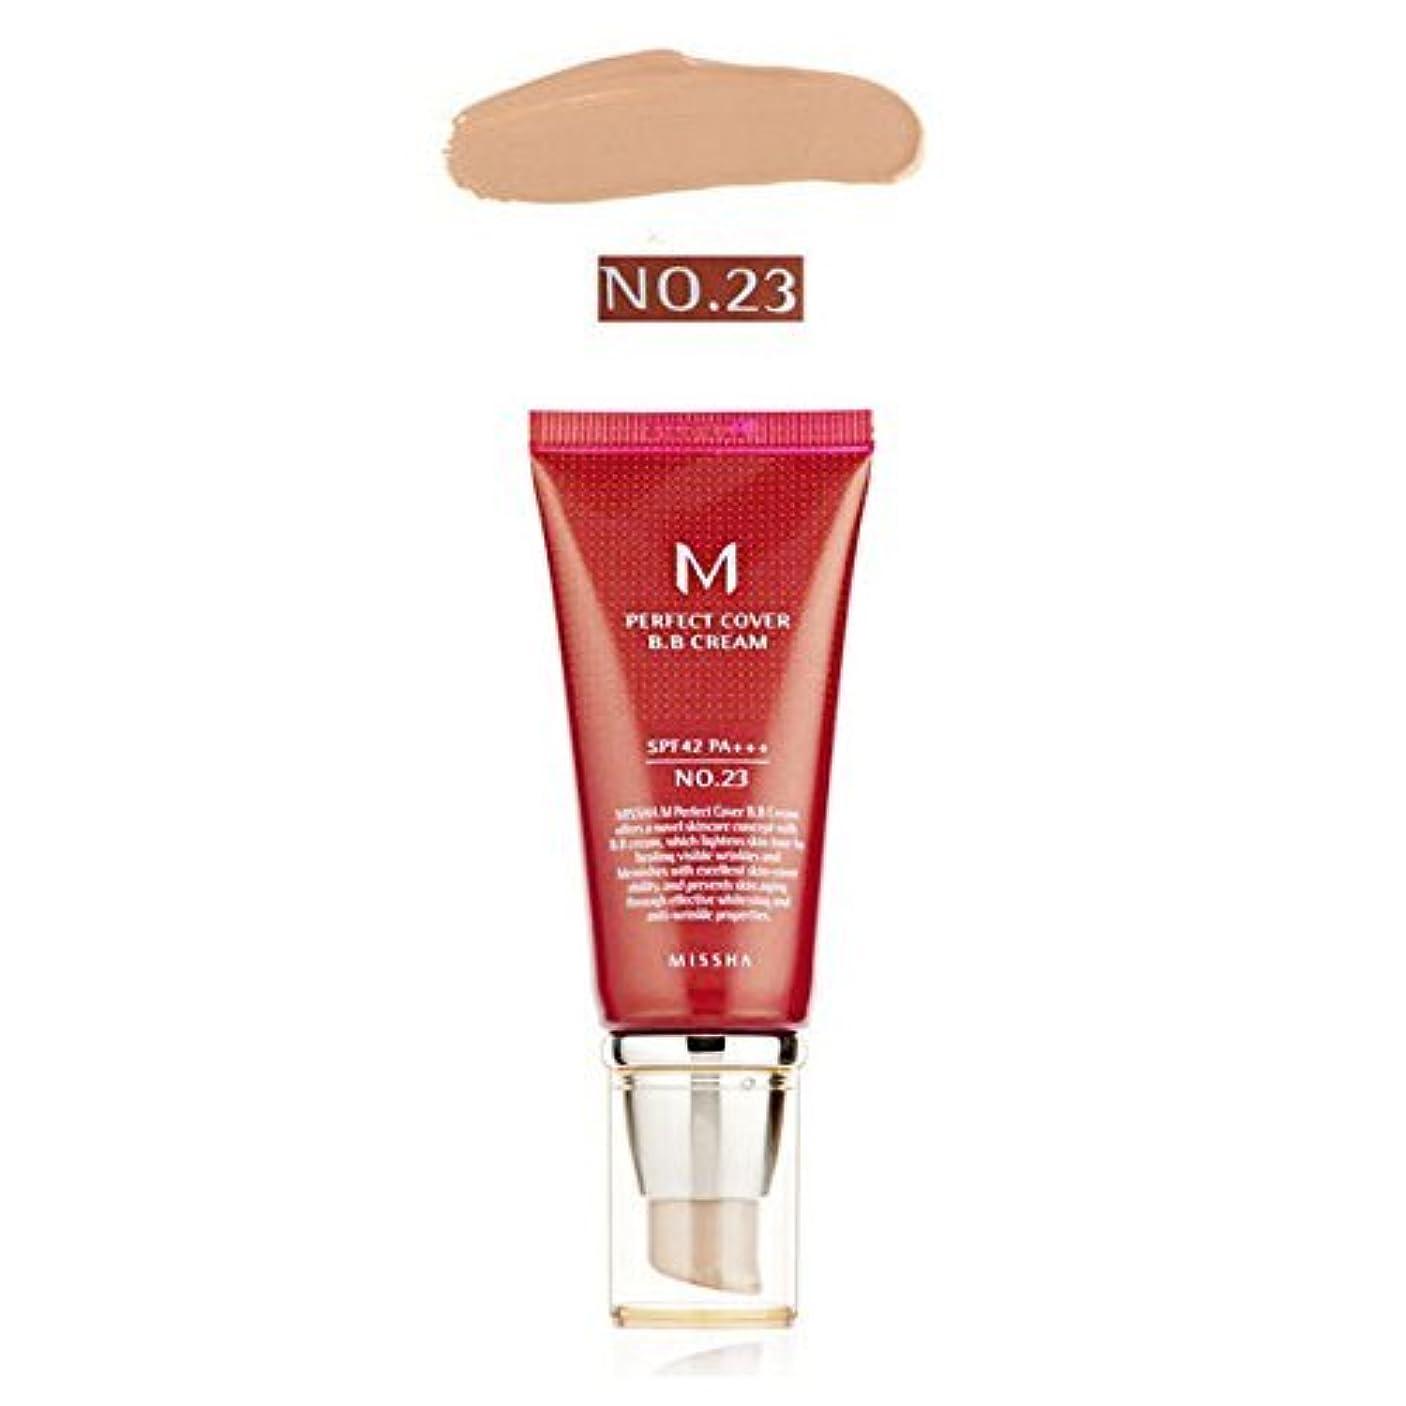 [ミシャ] MISSHA [M パーフェクト カバー BBクリーム 21号 / 23号50ml] (M Perfect Cover BB cream 21号 / 23号 50ml) SPF42 PA+++ (Type5...